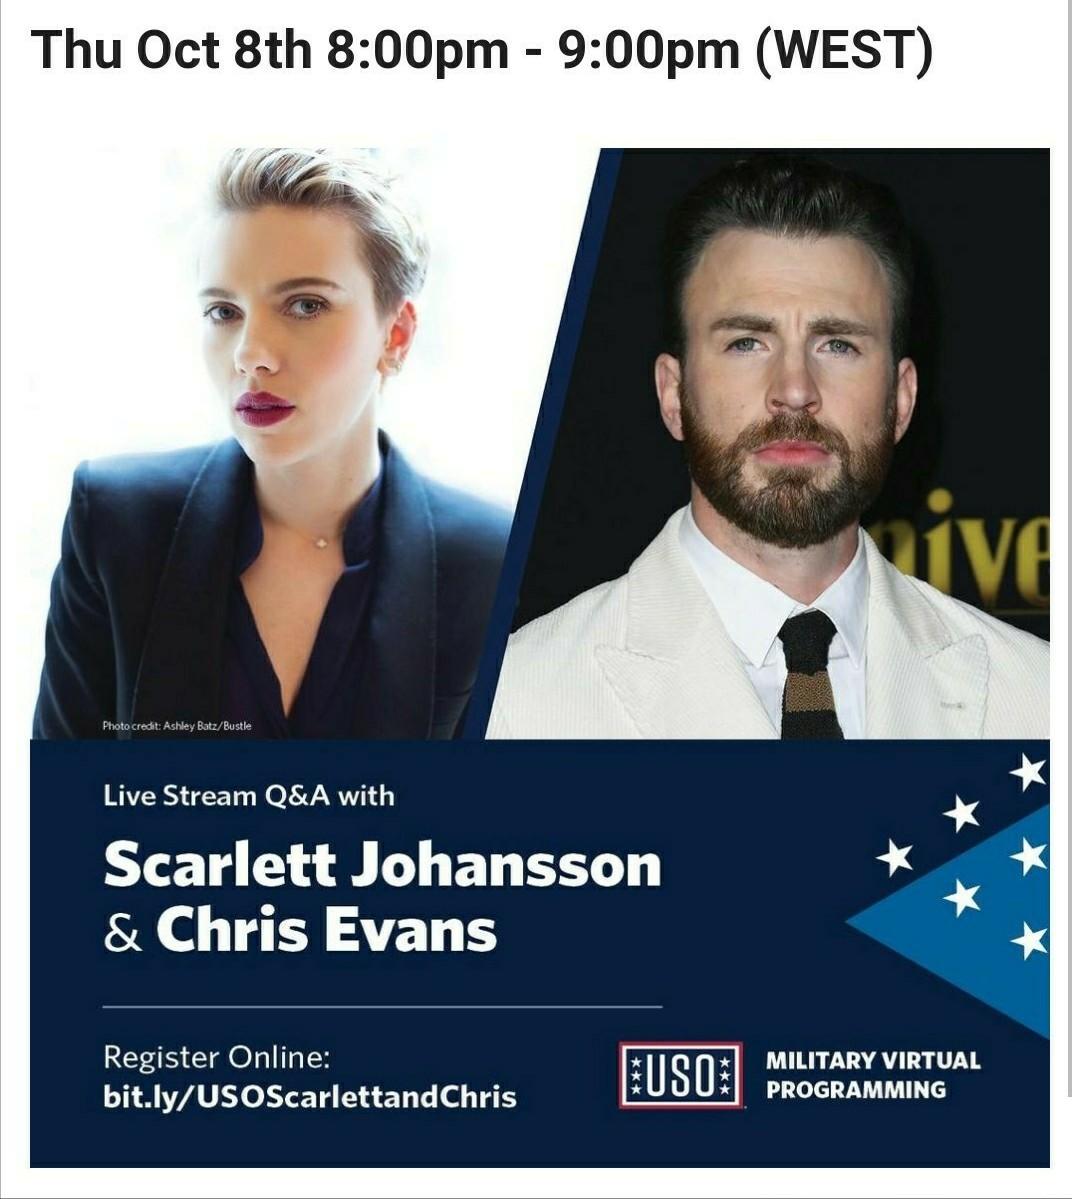 📍 Chris Evans e Scarlett Johansson participarão de um Q&A da USO no dia 08 de outubro às 22h (Horário de Brasília). Para se inscrever basta clicar no link https://t.co/kbc15sIvzl. https://t.co/jz10RxOdic